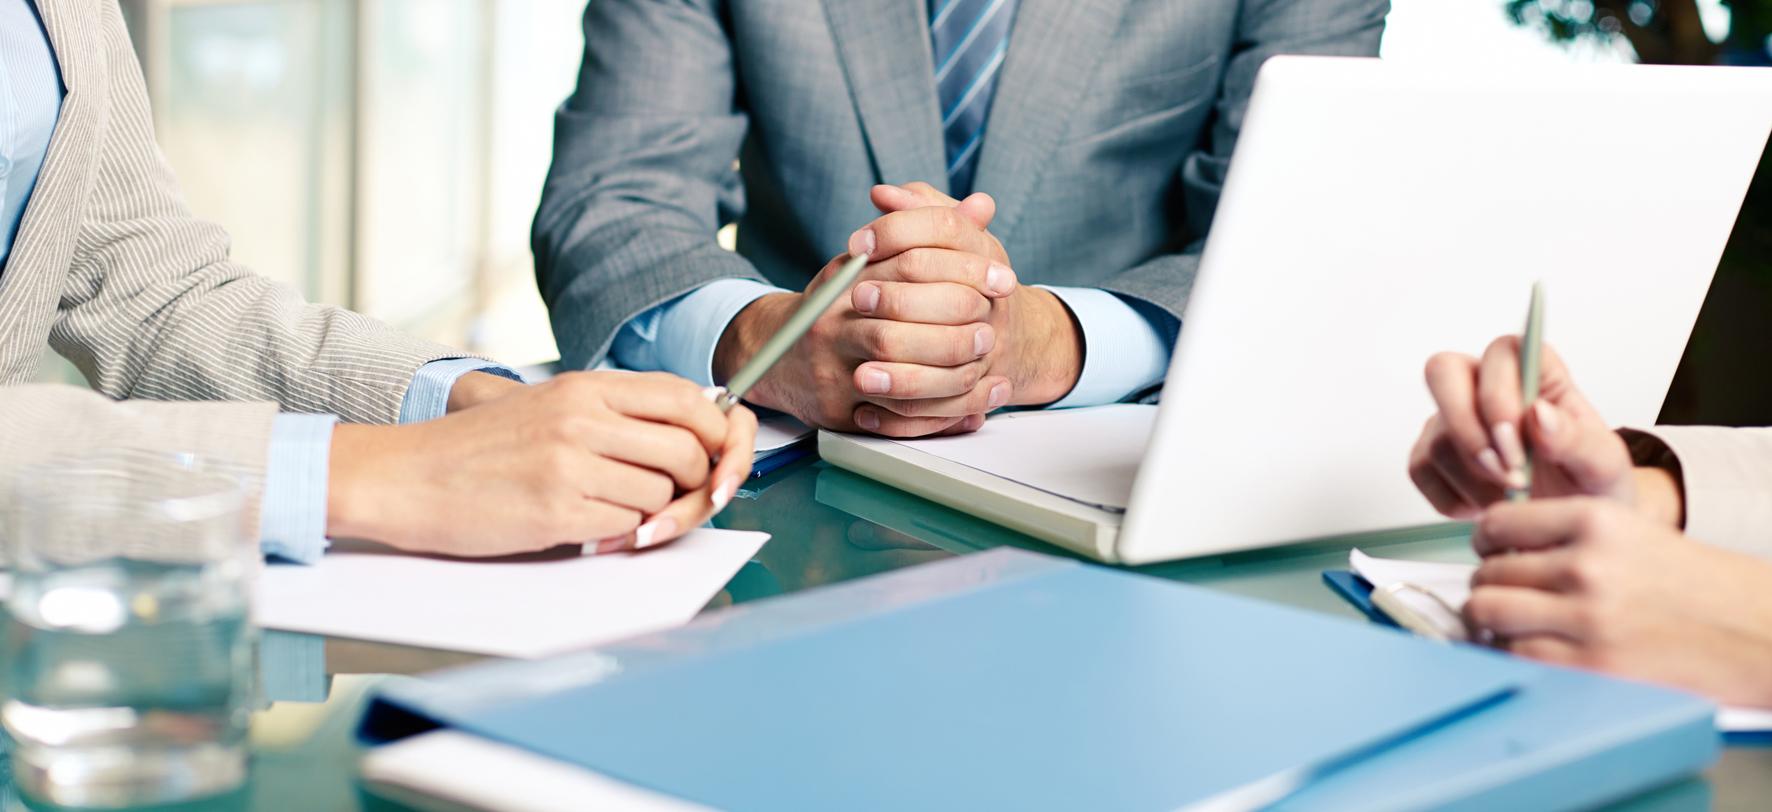 финансовые и юридические консультации